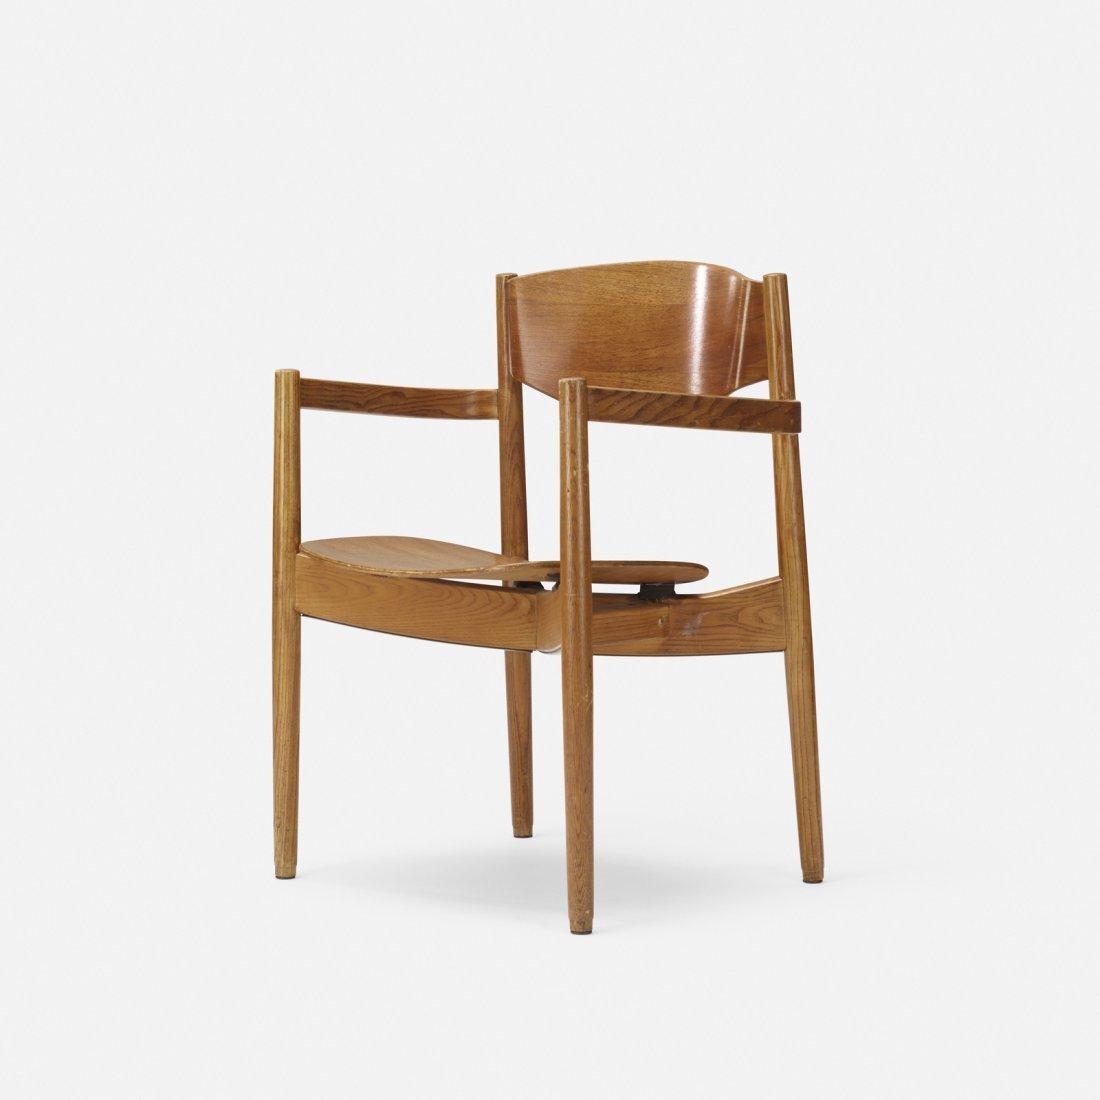 Jens Risom, armchair